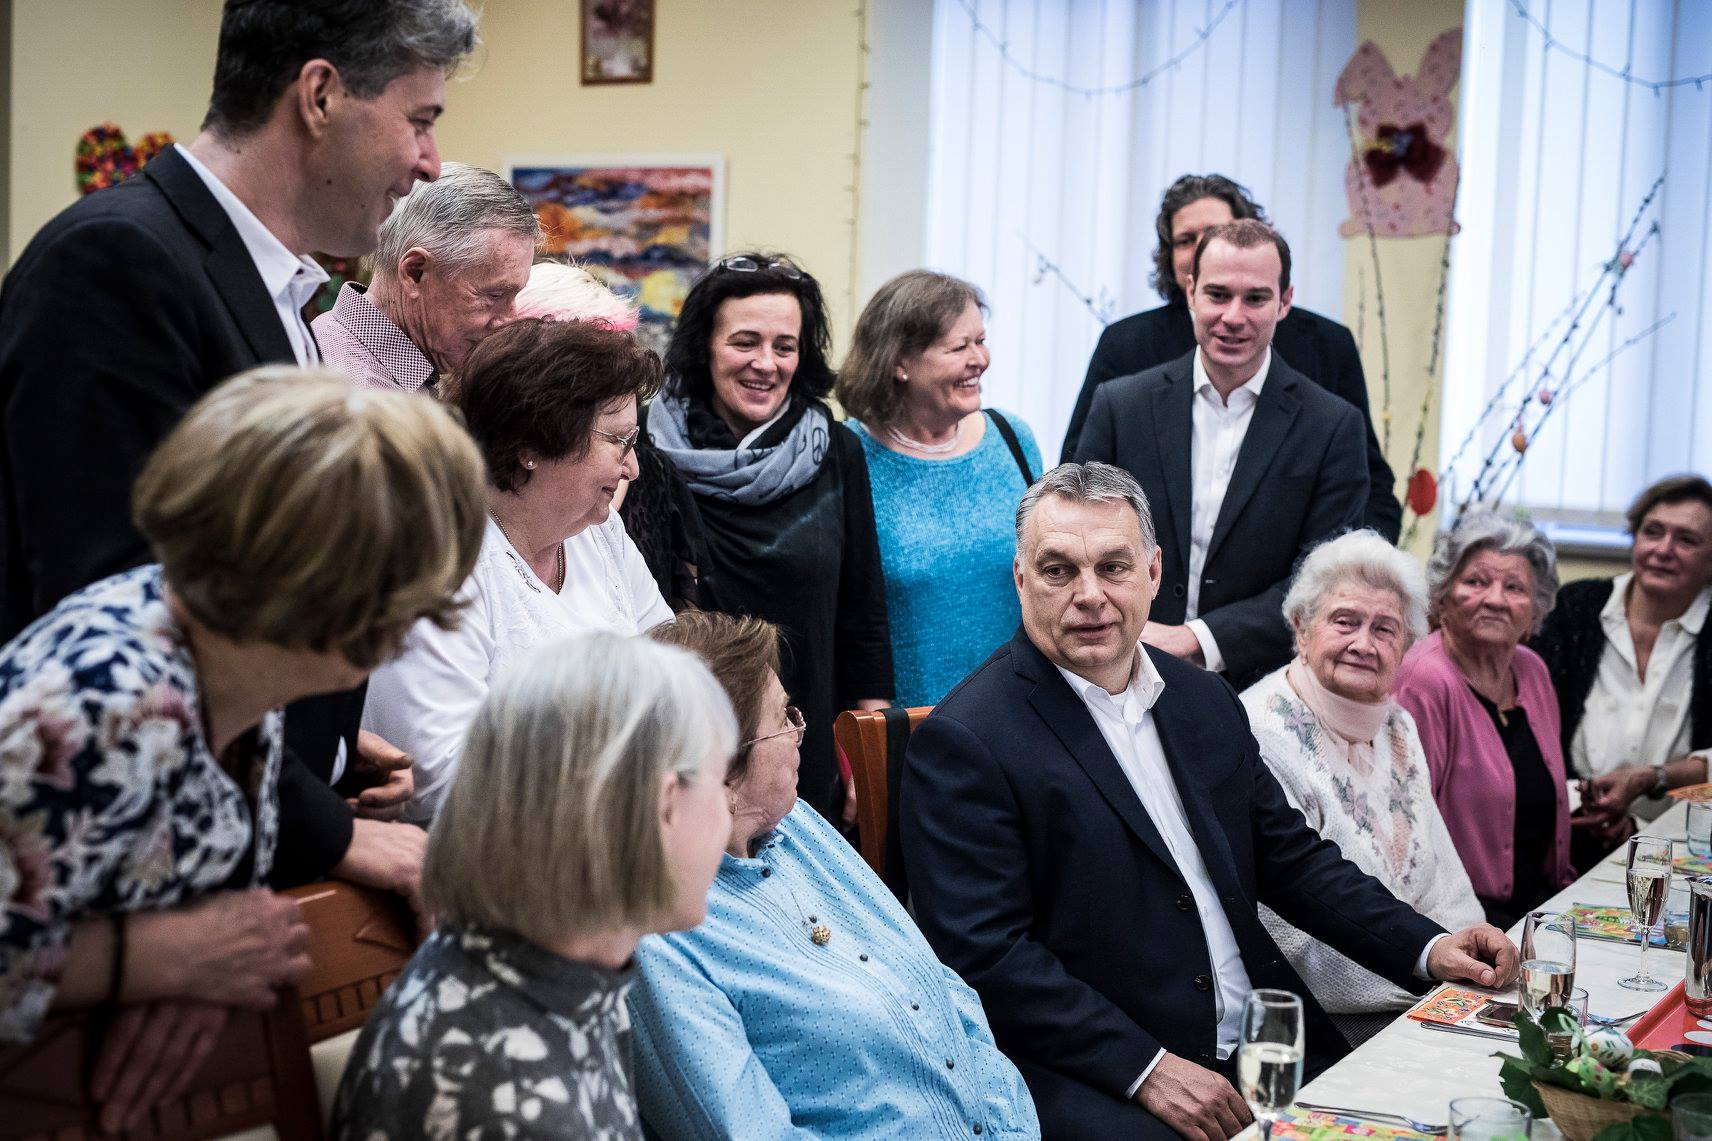 A magyarok 67 százaléka számol úgy, hogy a jelenleginél kedvezőtlenebb időskori életkörülményei lesznek